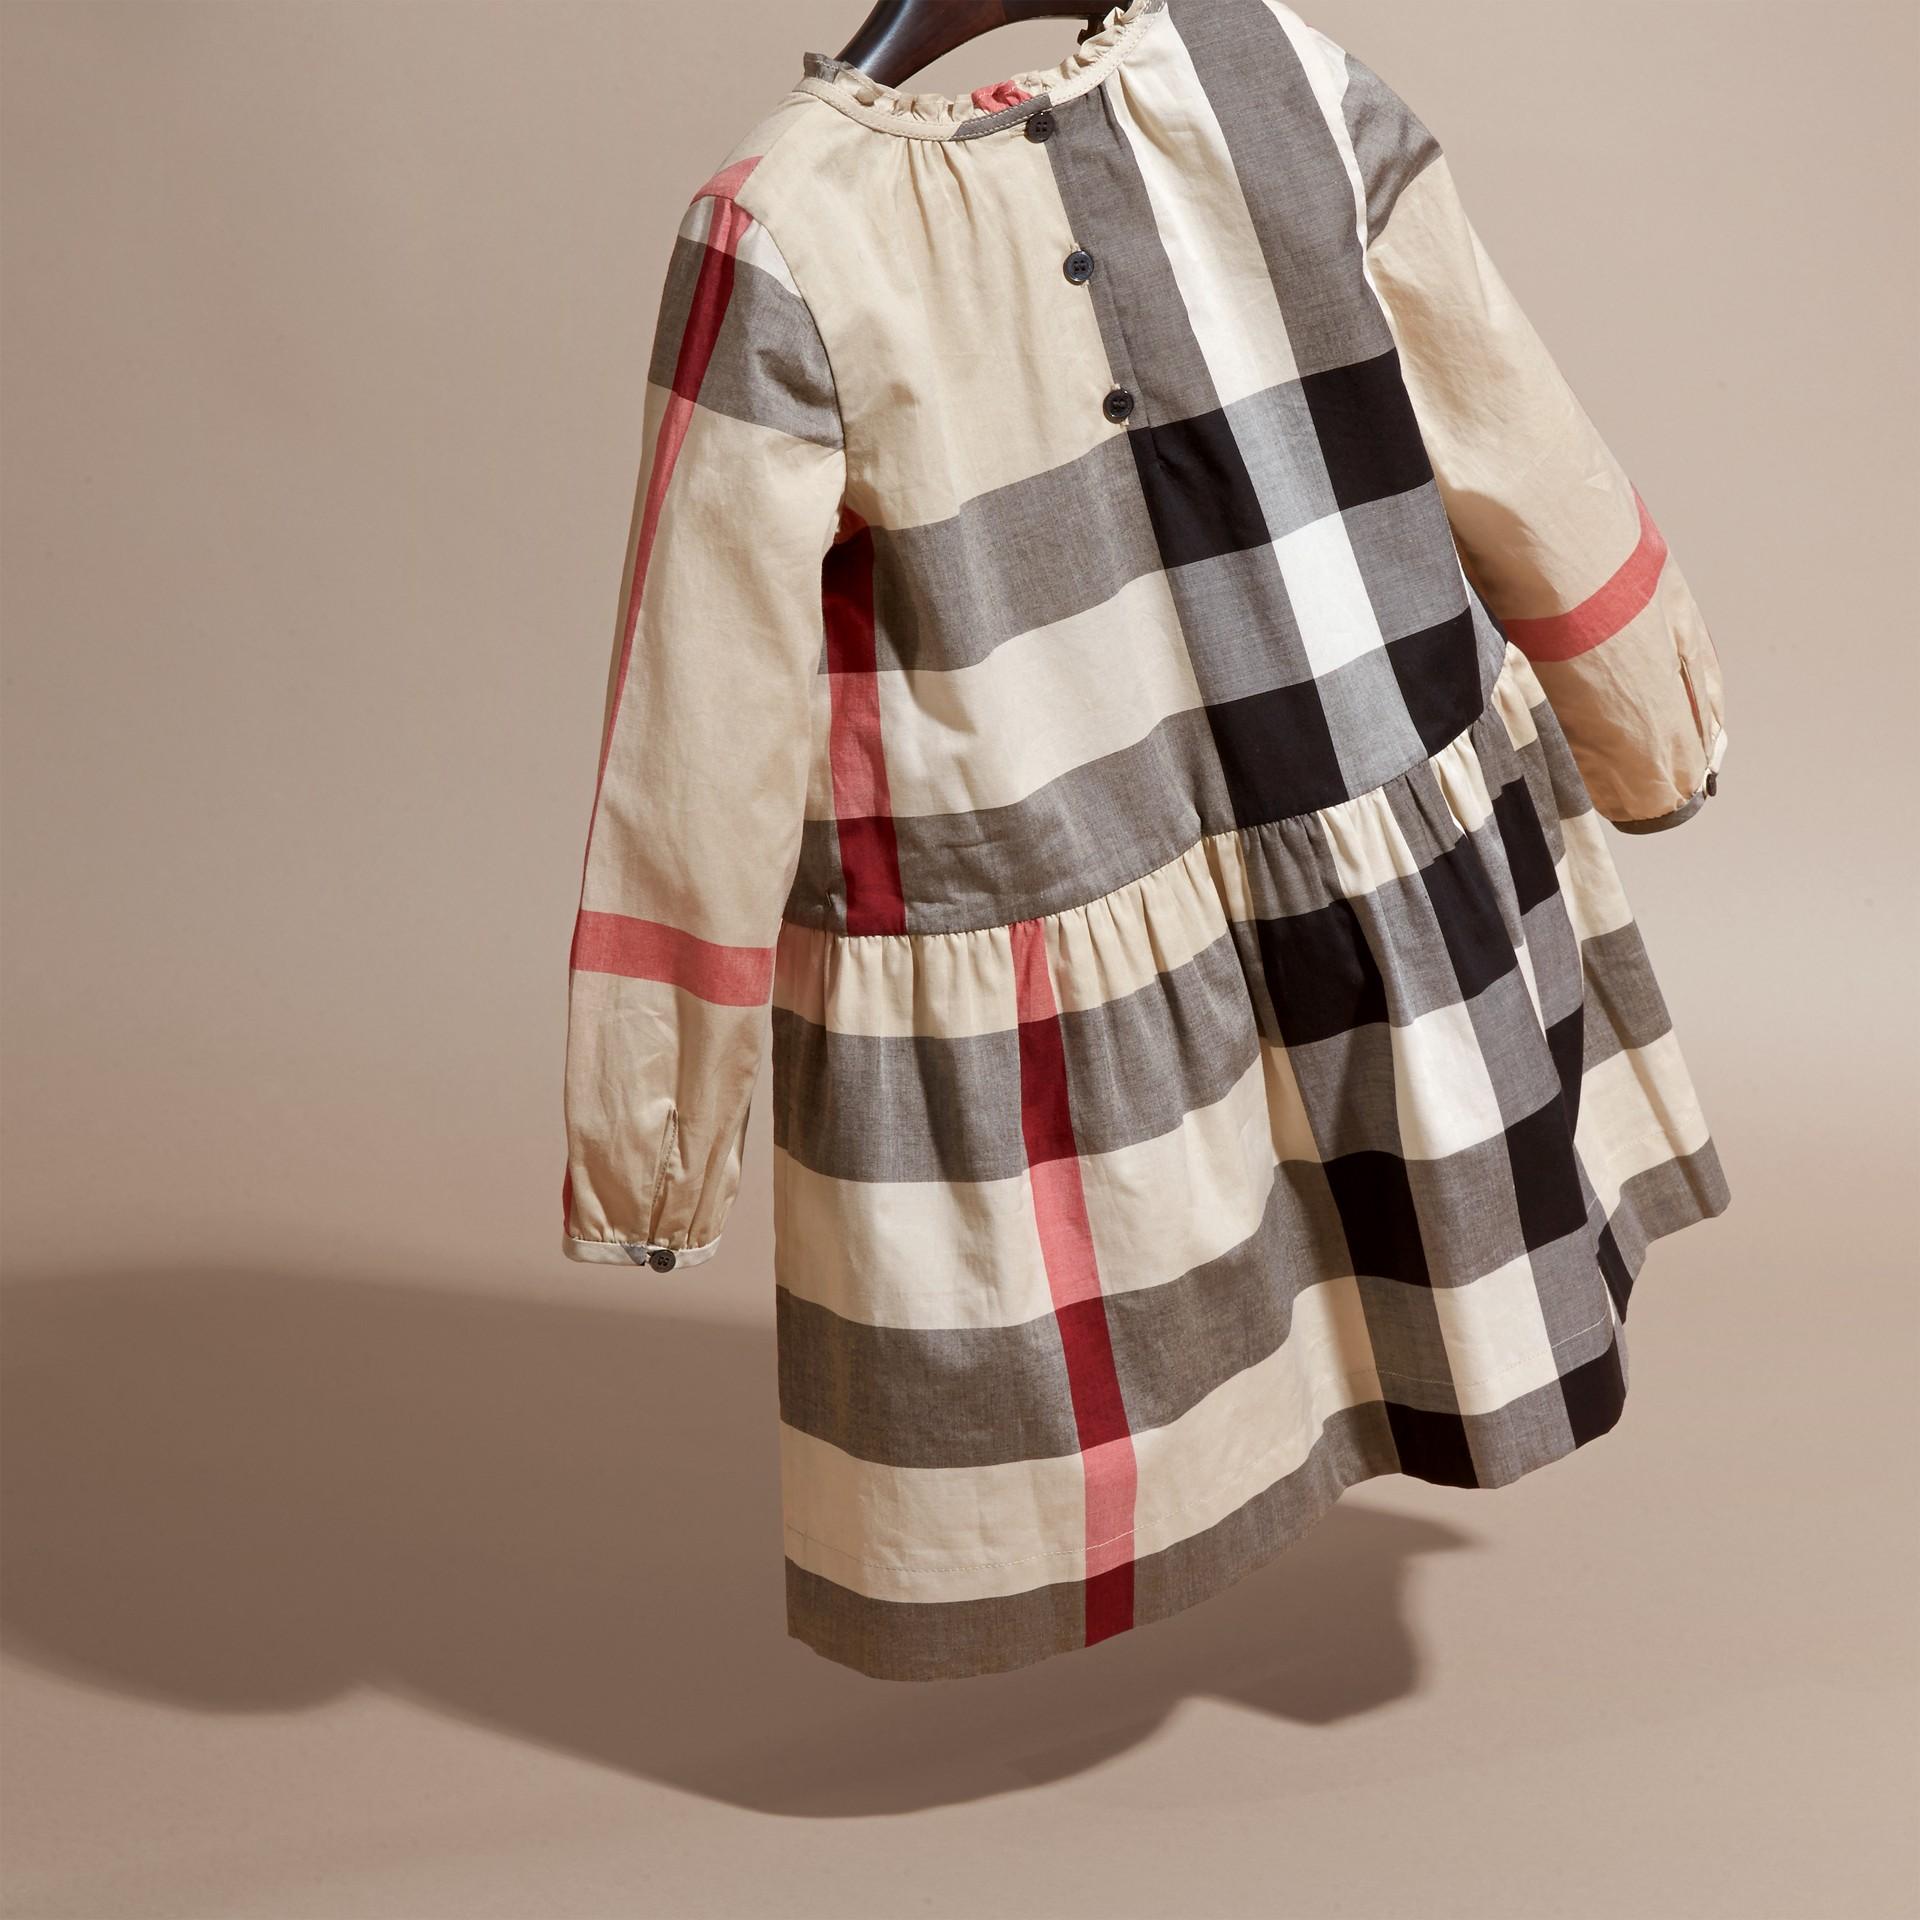 新經典格紋 褶飾細節格紋棉質洋裝 新經典格紋 - 圖庫照片 4